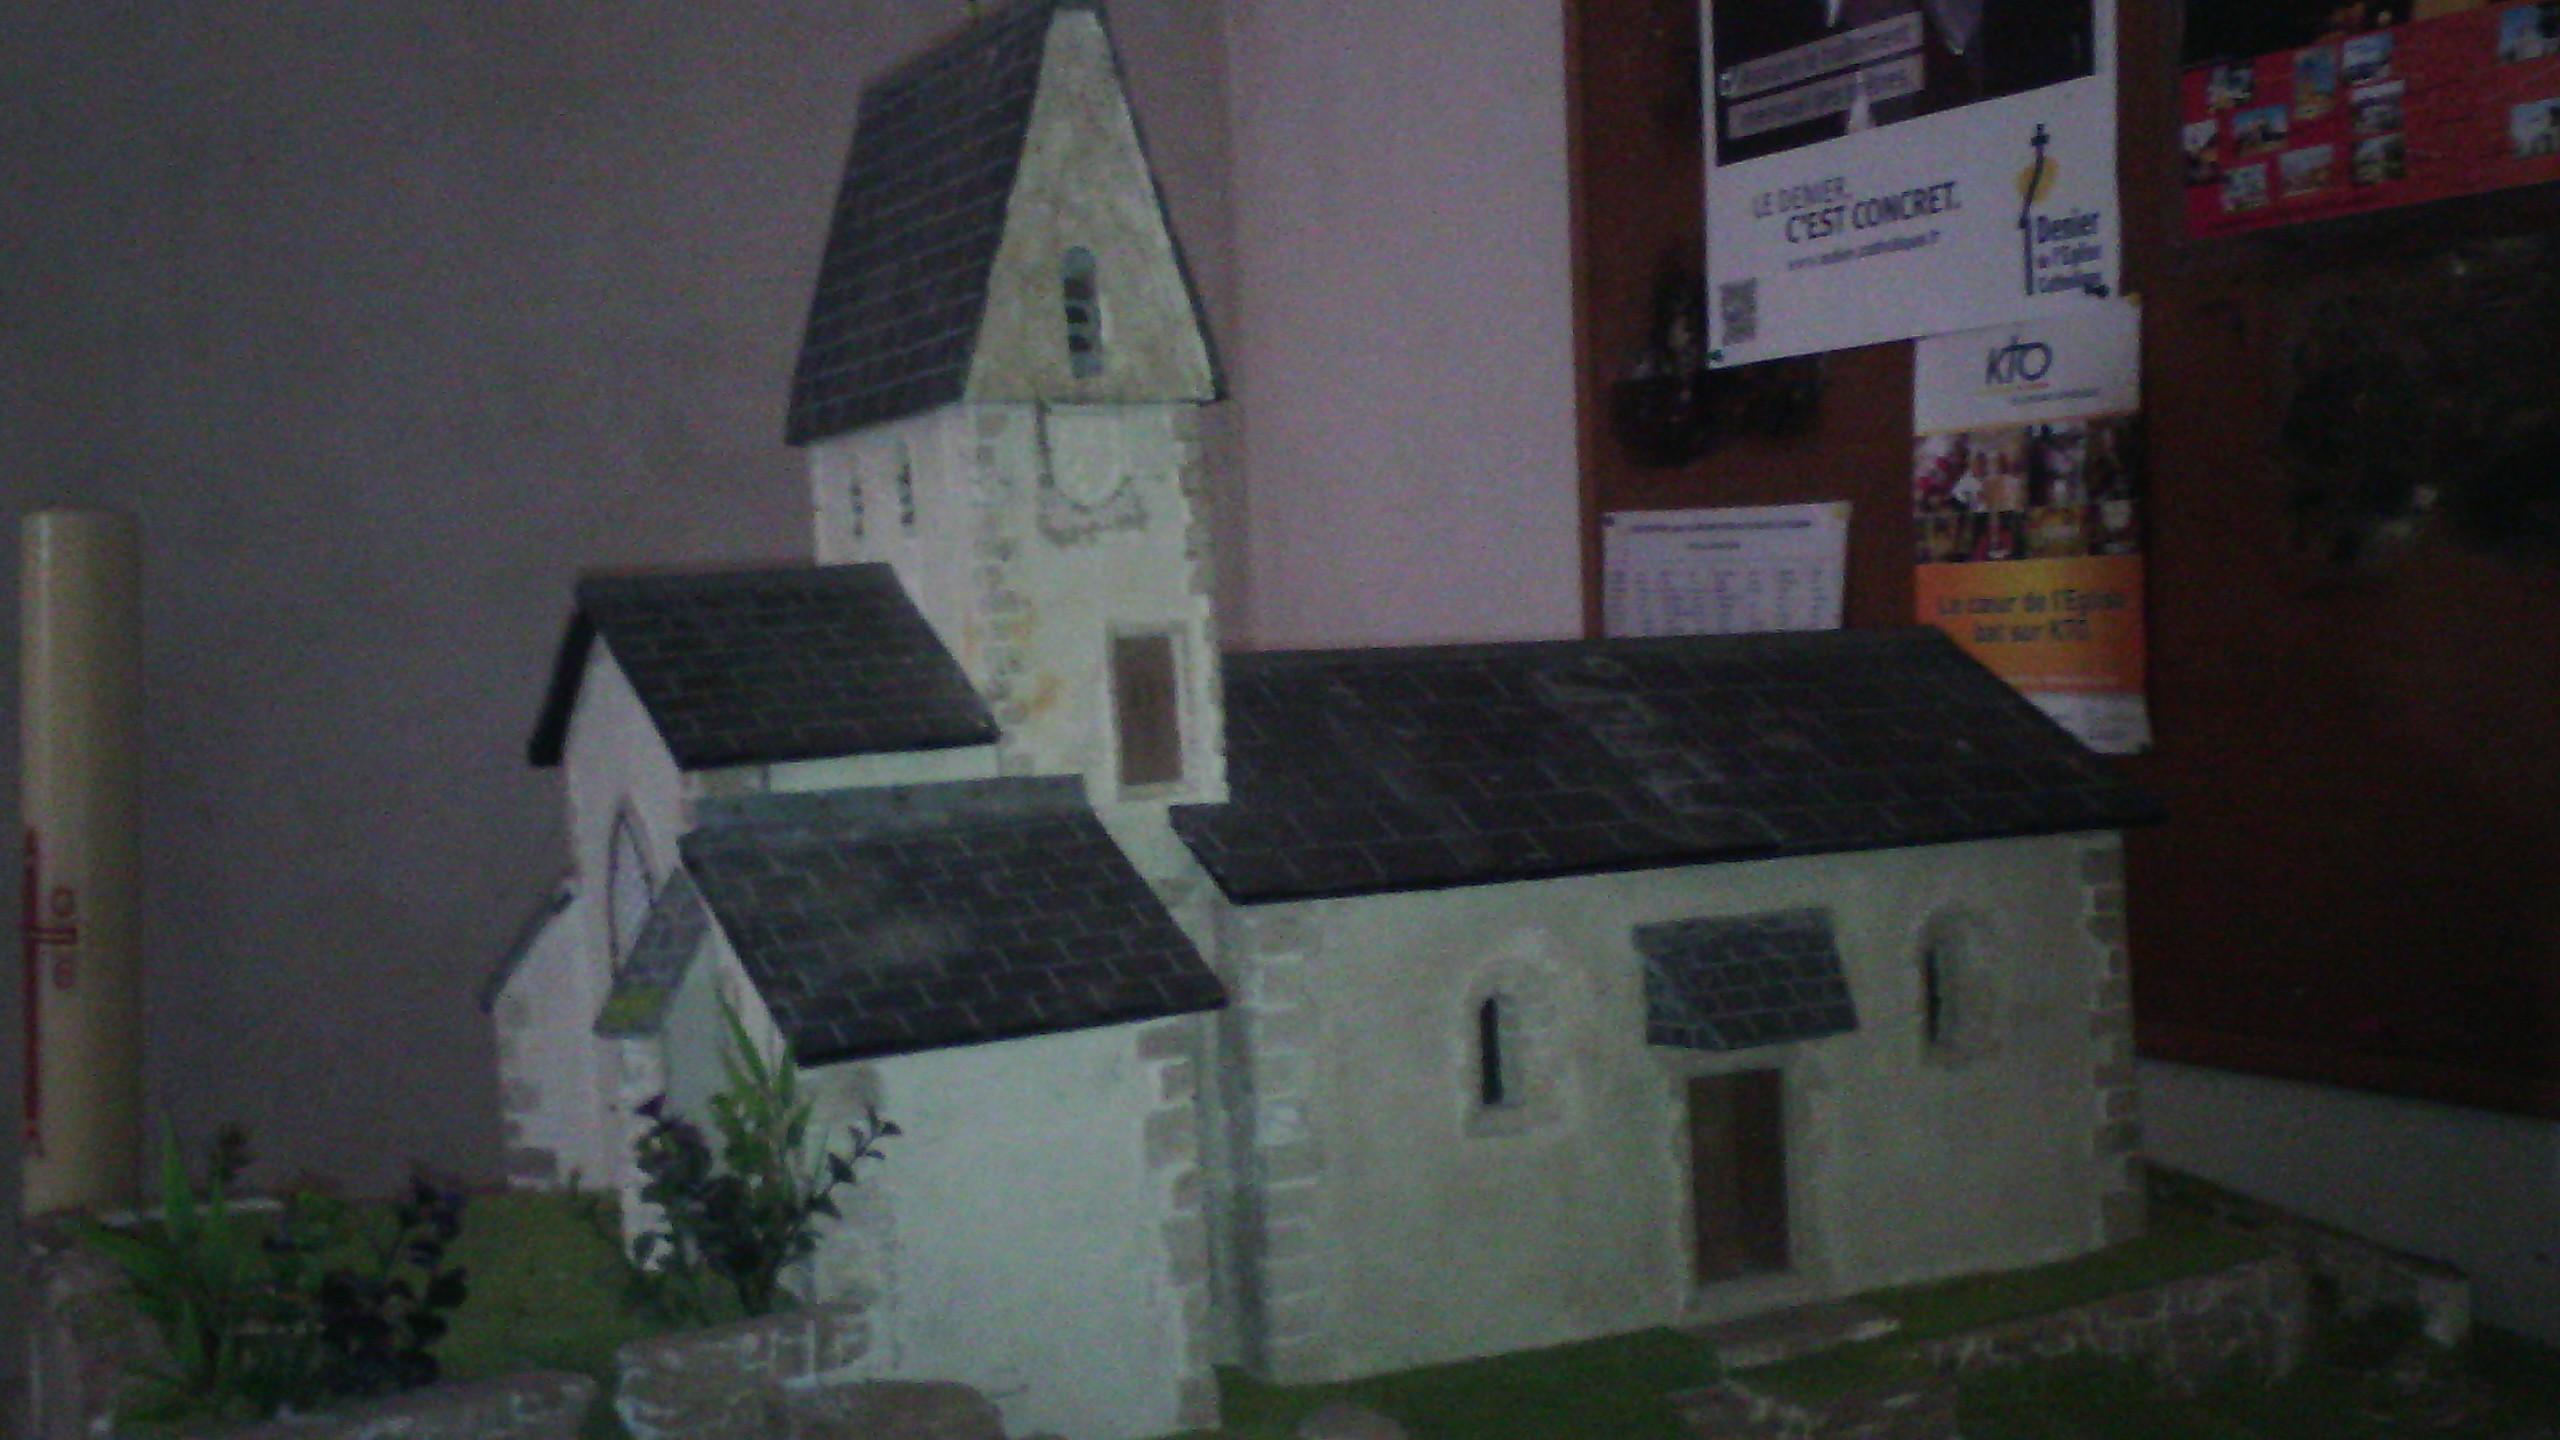 la chapelle de la. File:Maquette De La Chapelle D\u0027Uchon 01.jpg S